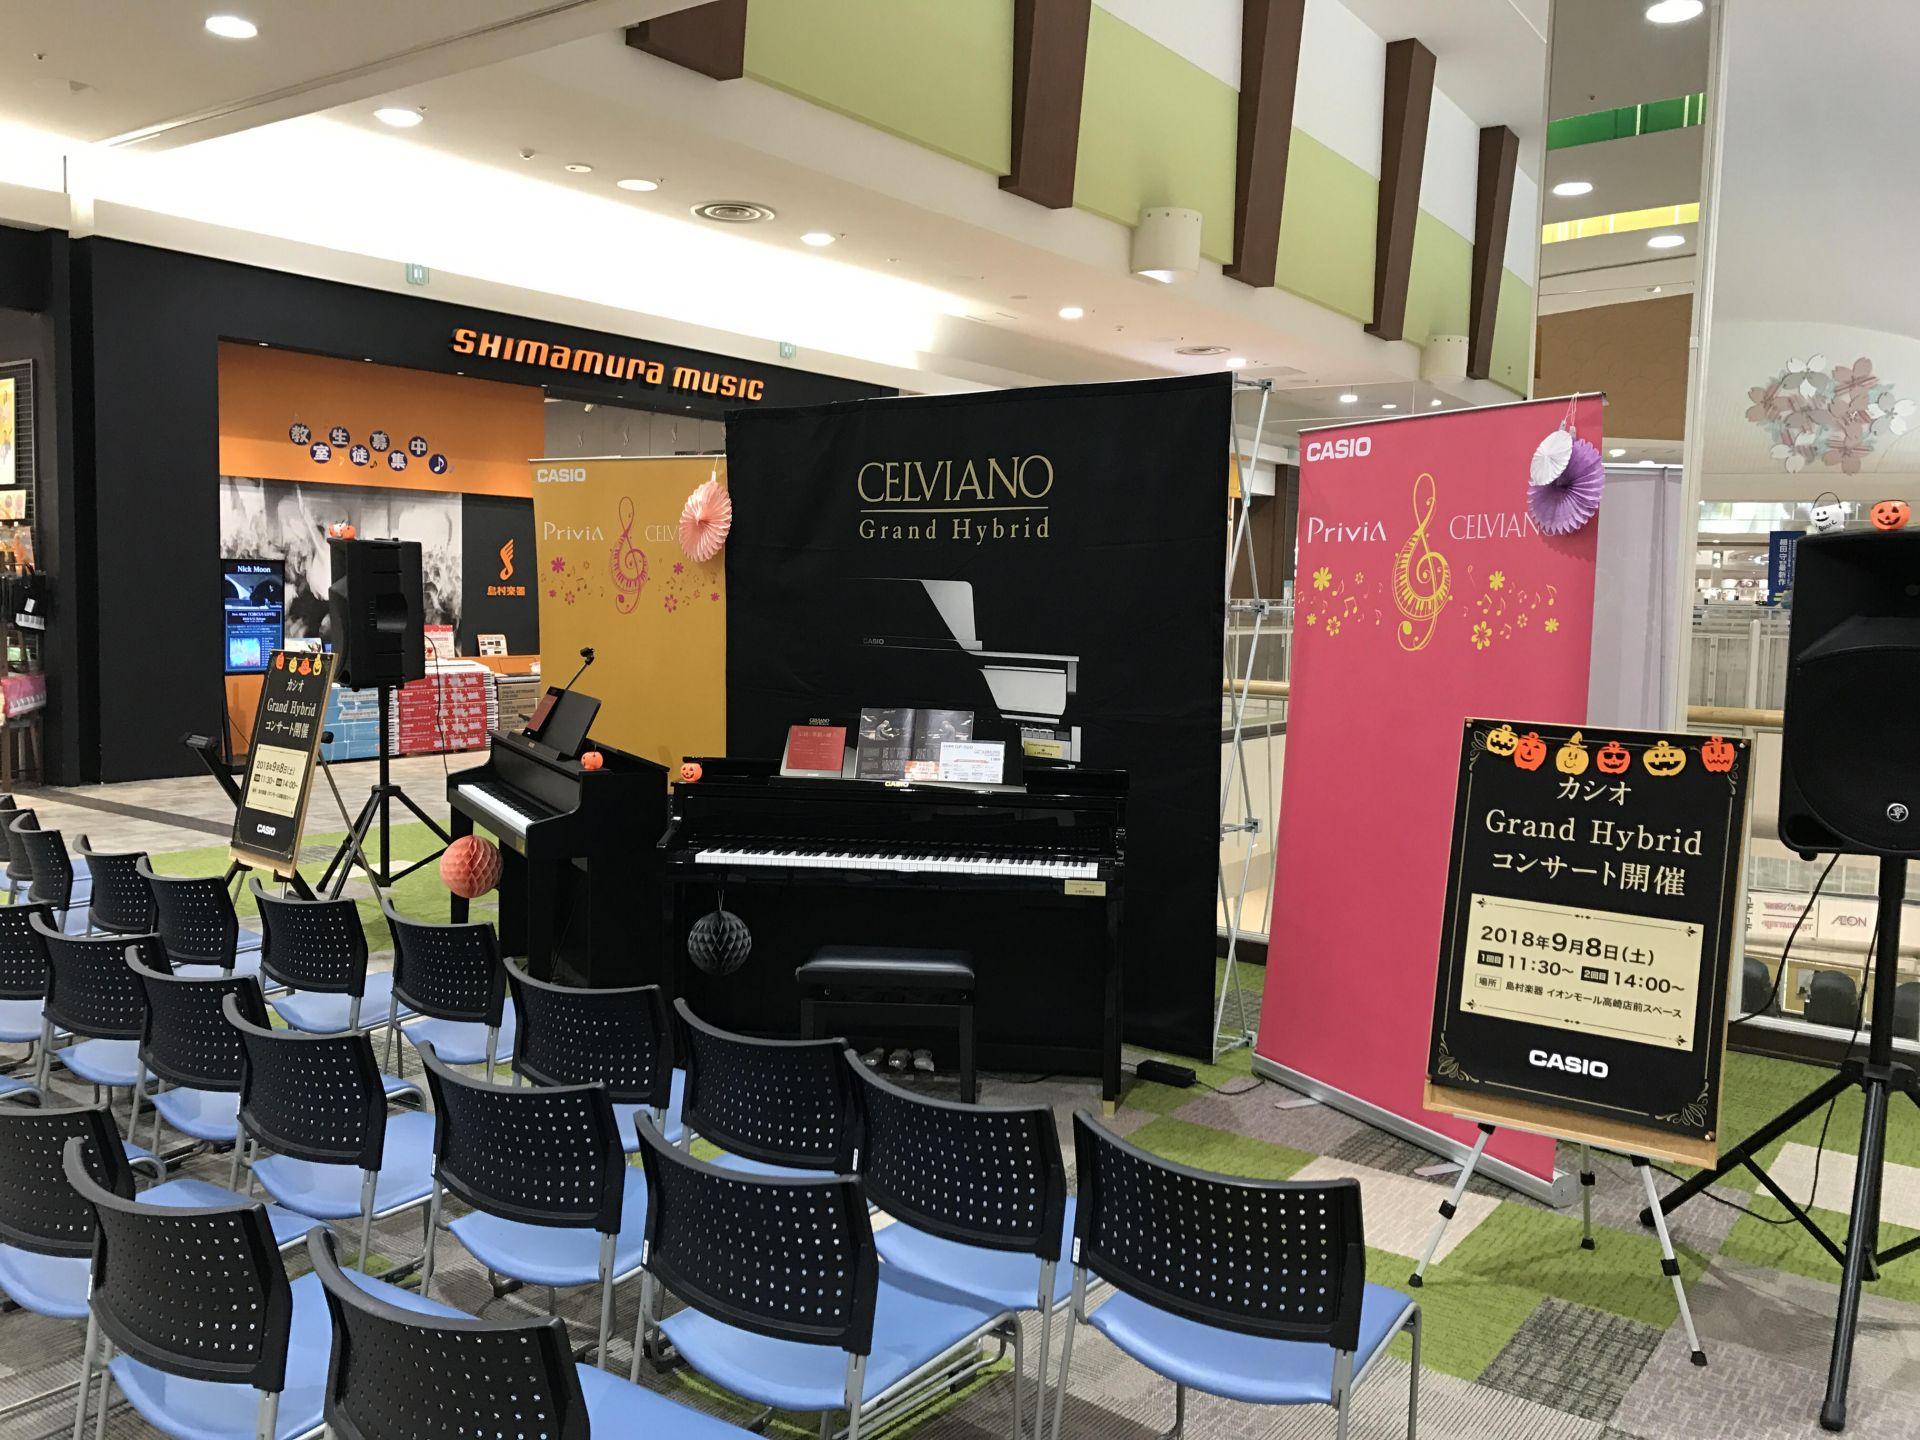 島村楽器イオンモール高崎店 カシオ CASIO ピアノコンサート